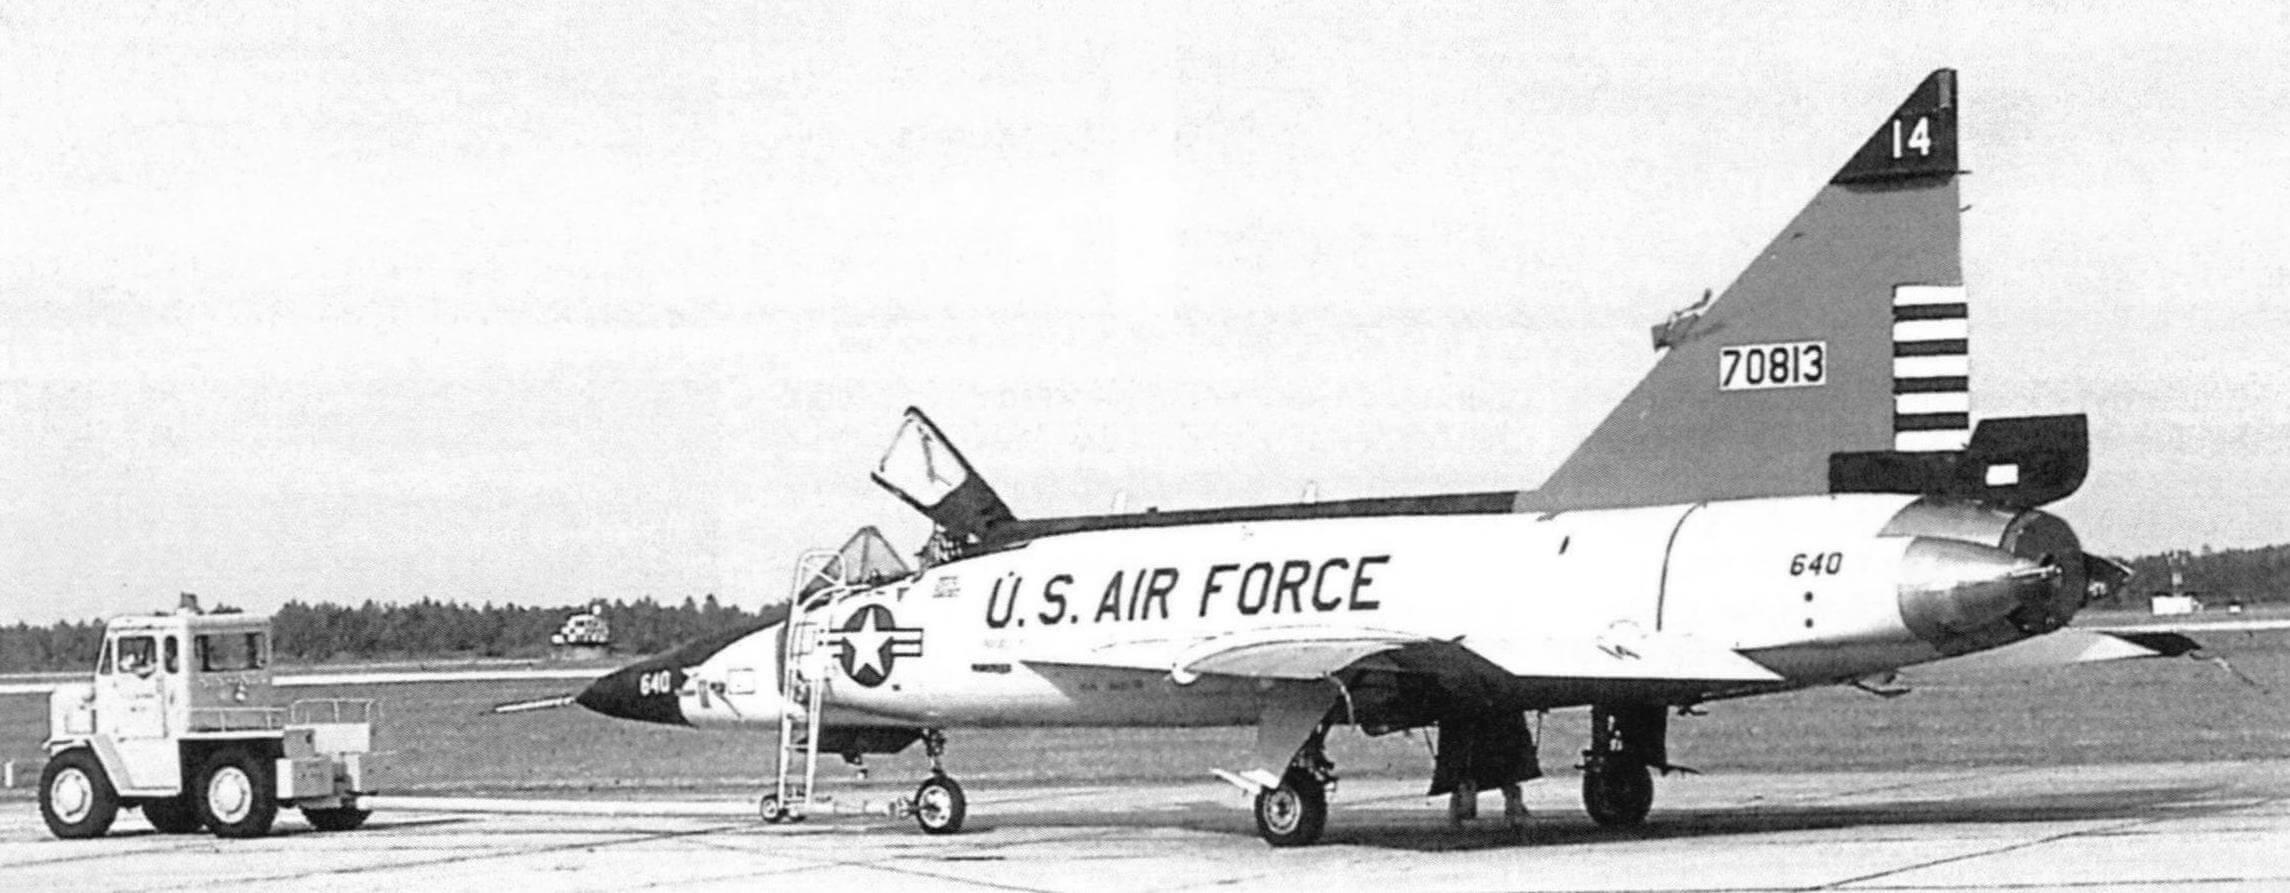 Летный день на авиабазе Большой Питтсбург. Буксируют F-102А из 146 эскадрильи Национальной гвардии Пенсильвании. Эскадрильи летала на таких самолетах с ноября 1960 года до конца 1975 года. Этот F-102А-90-С0, (с.и. 57-0813) соответствует оригинальной схеме окраски с красным килем. Позже он немного изменился, но полосы на руле направления сохранились